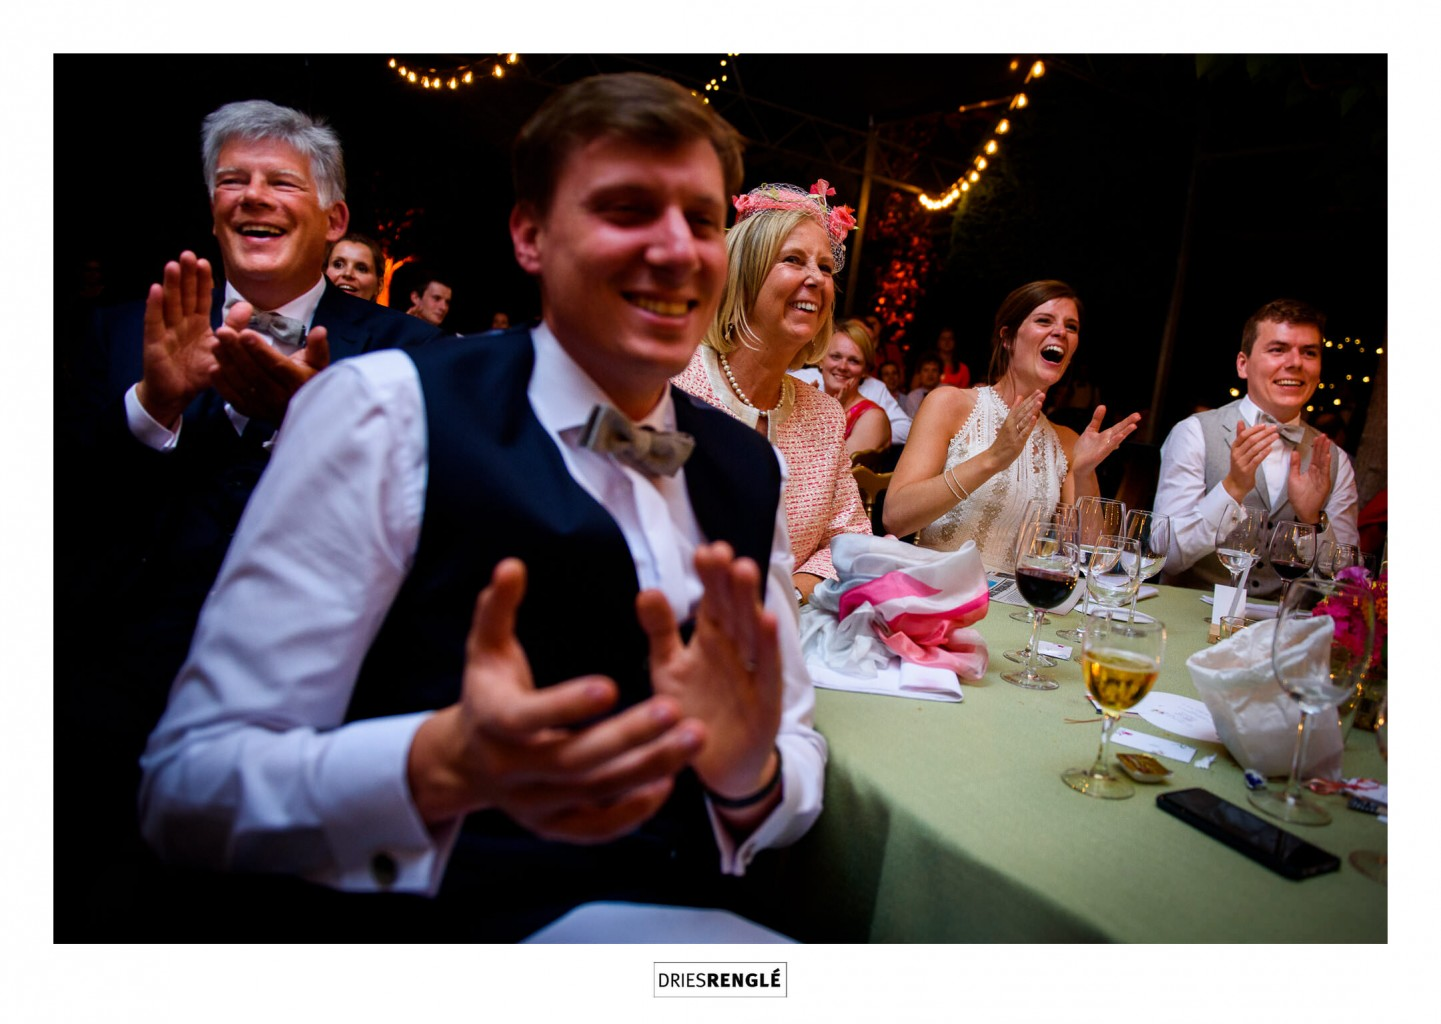 014-jef-cools-feestzaal-huwelijksfotograaf-dries-rengle